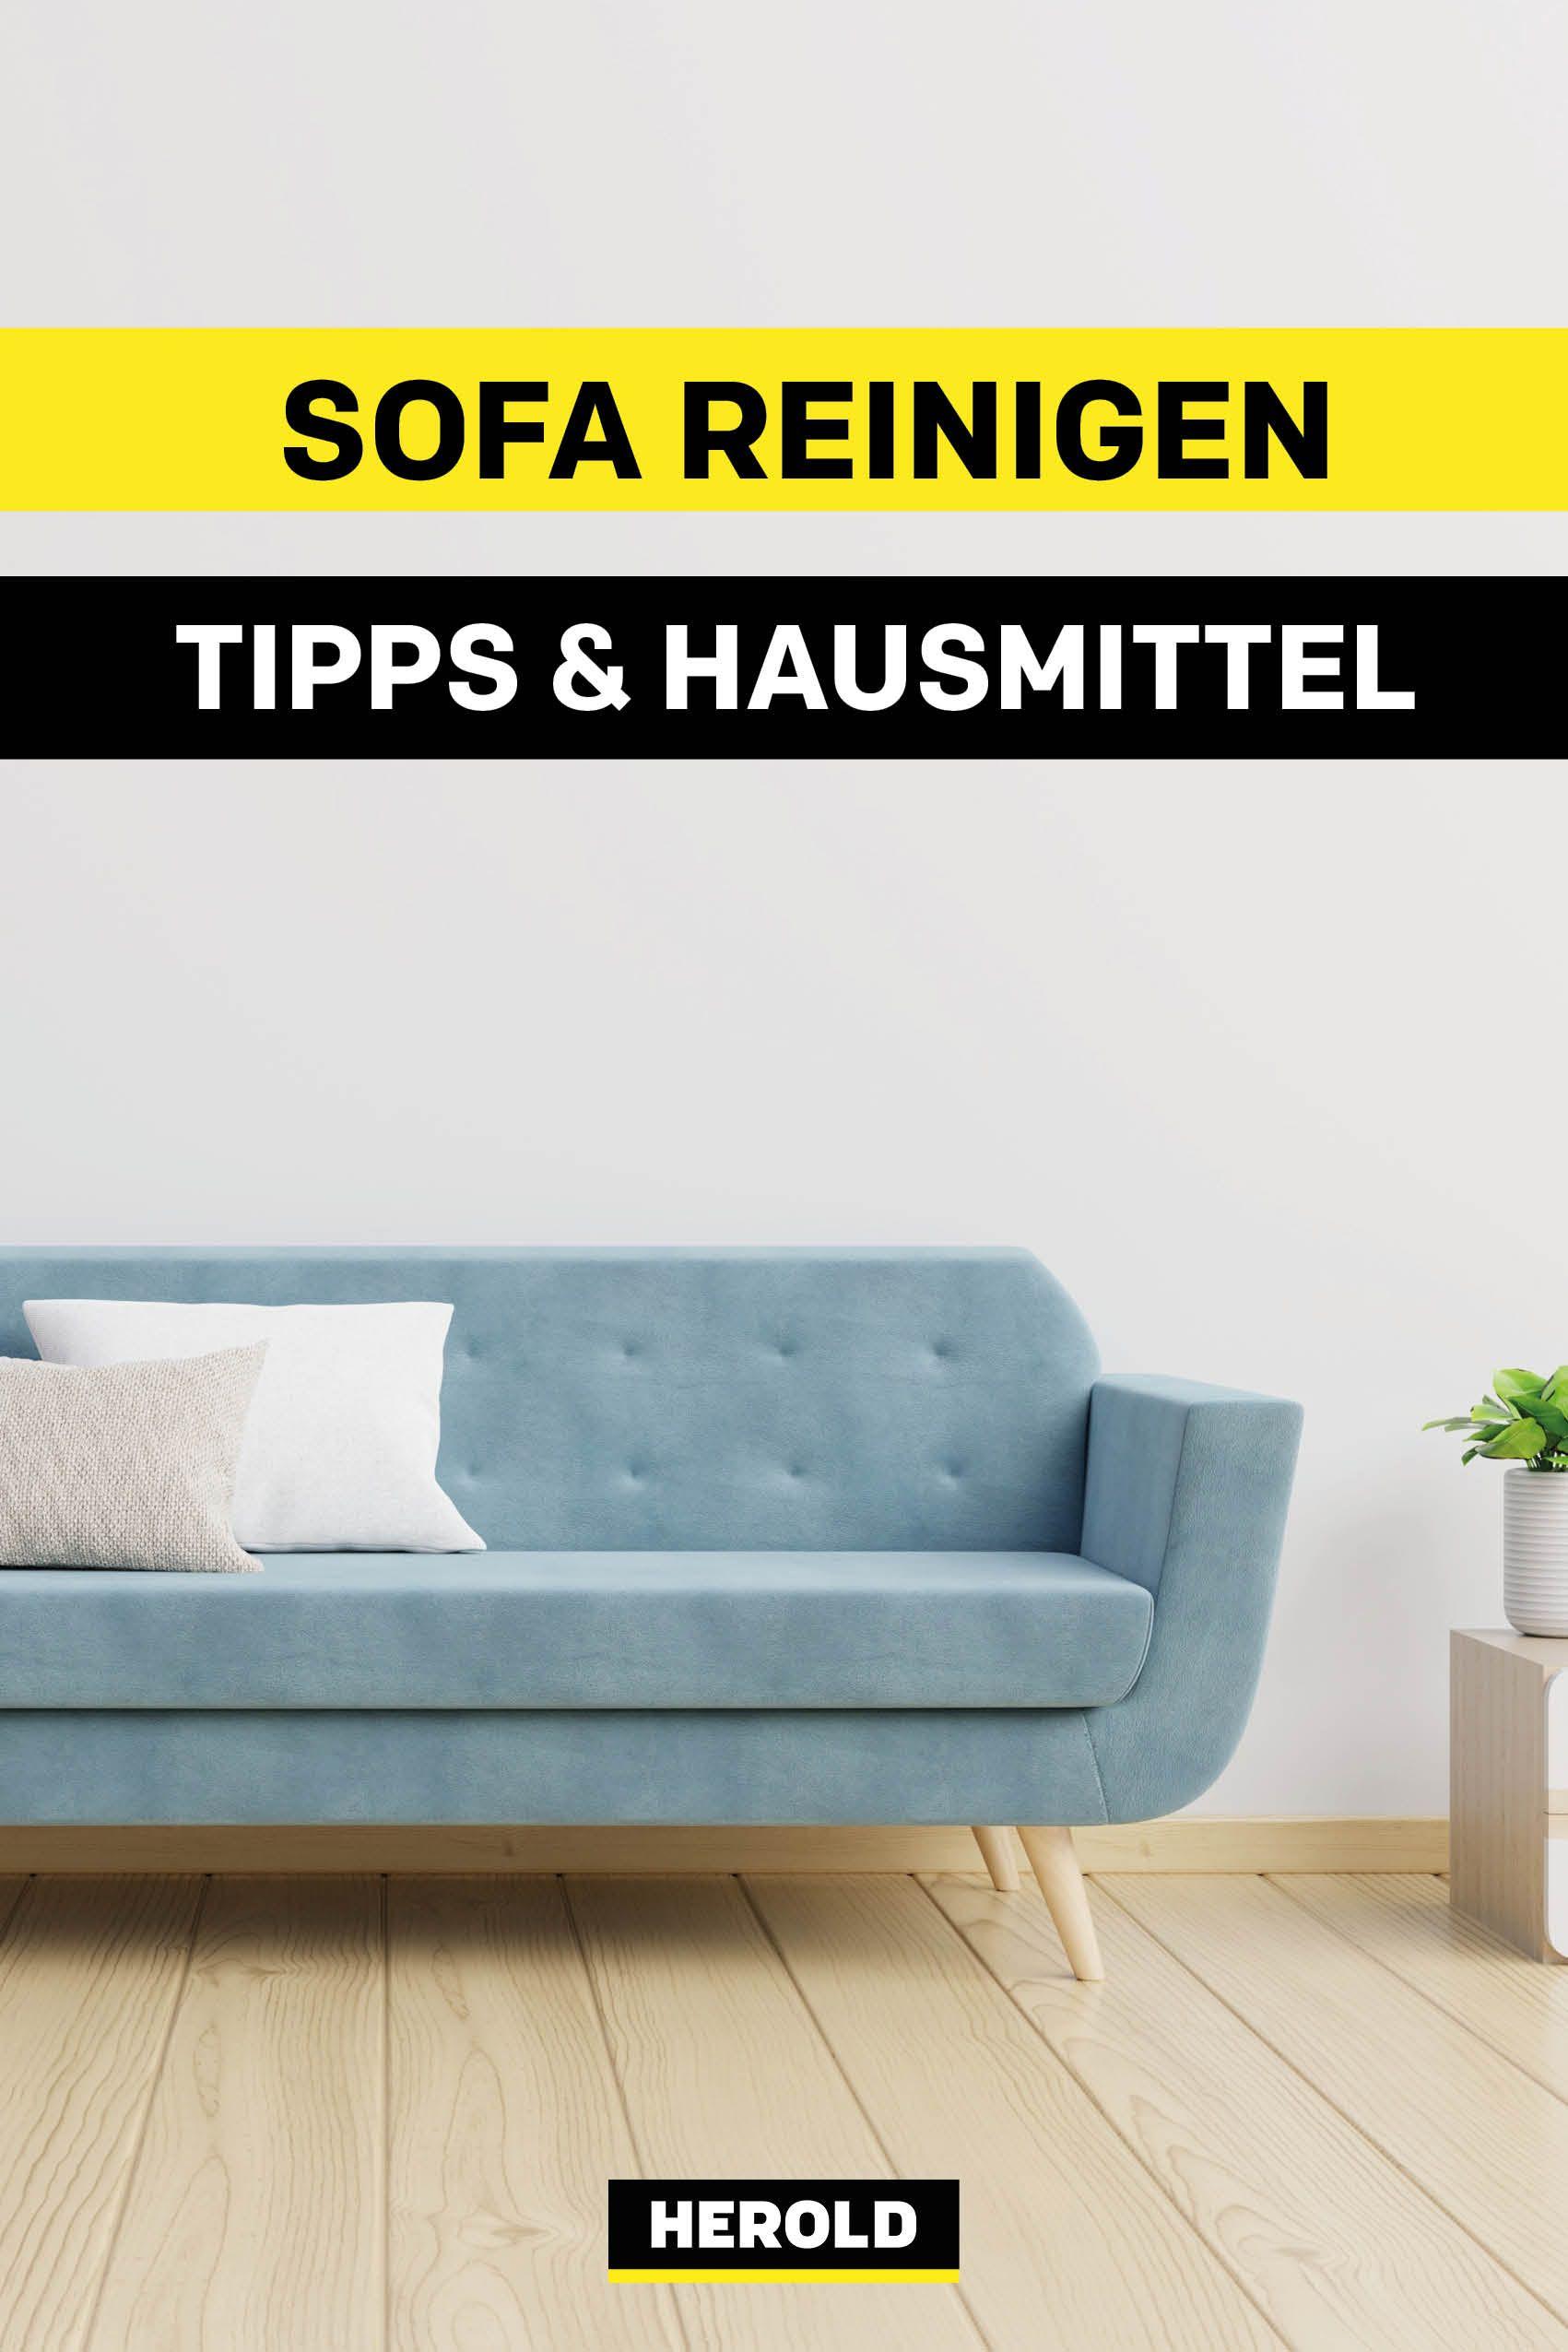 Tschuss Flecken Mit Diesen Hausmitteln Wird Dein Sofa Wieder Wie